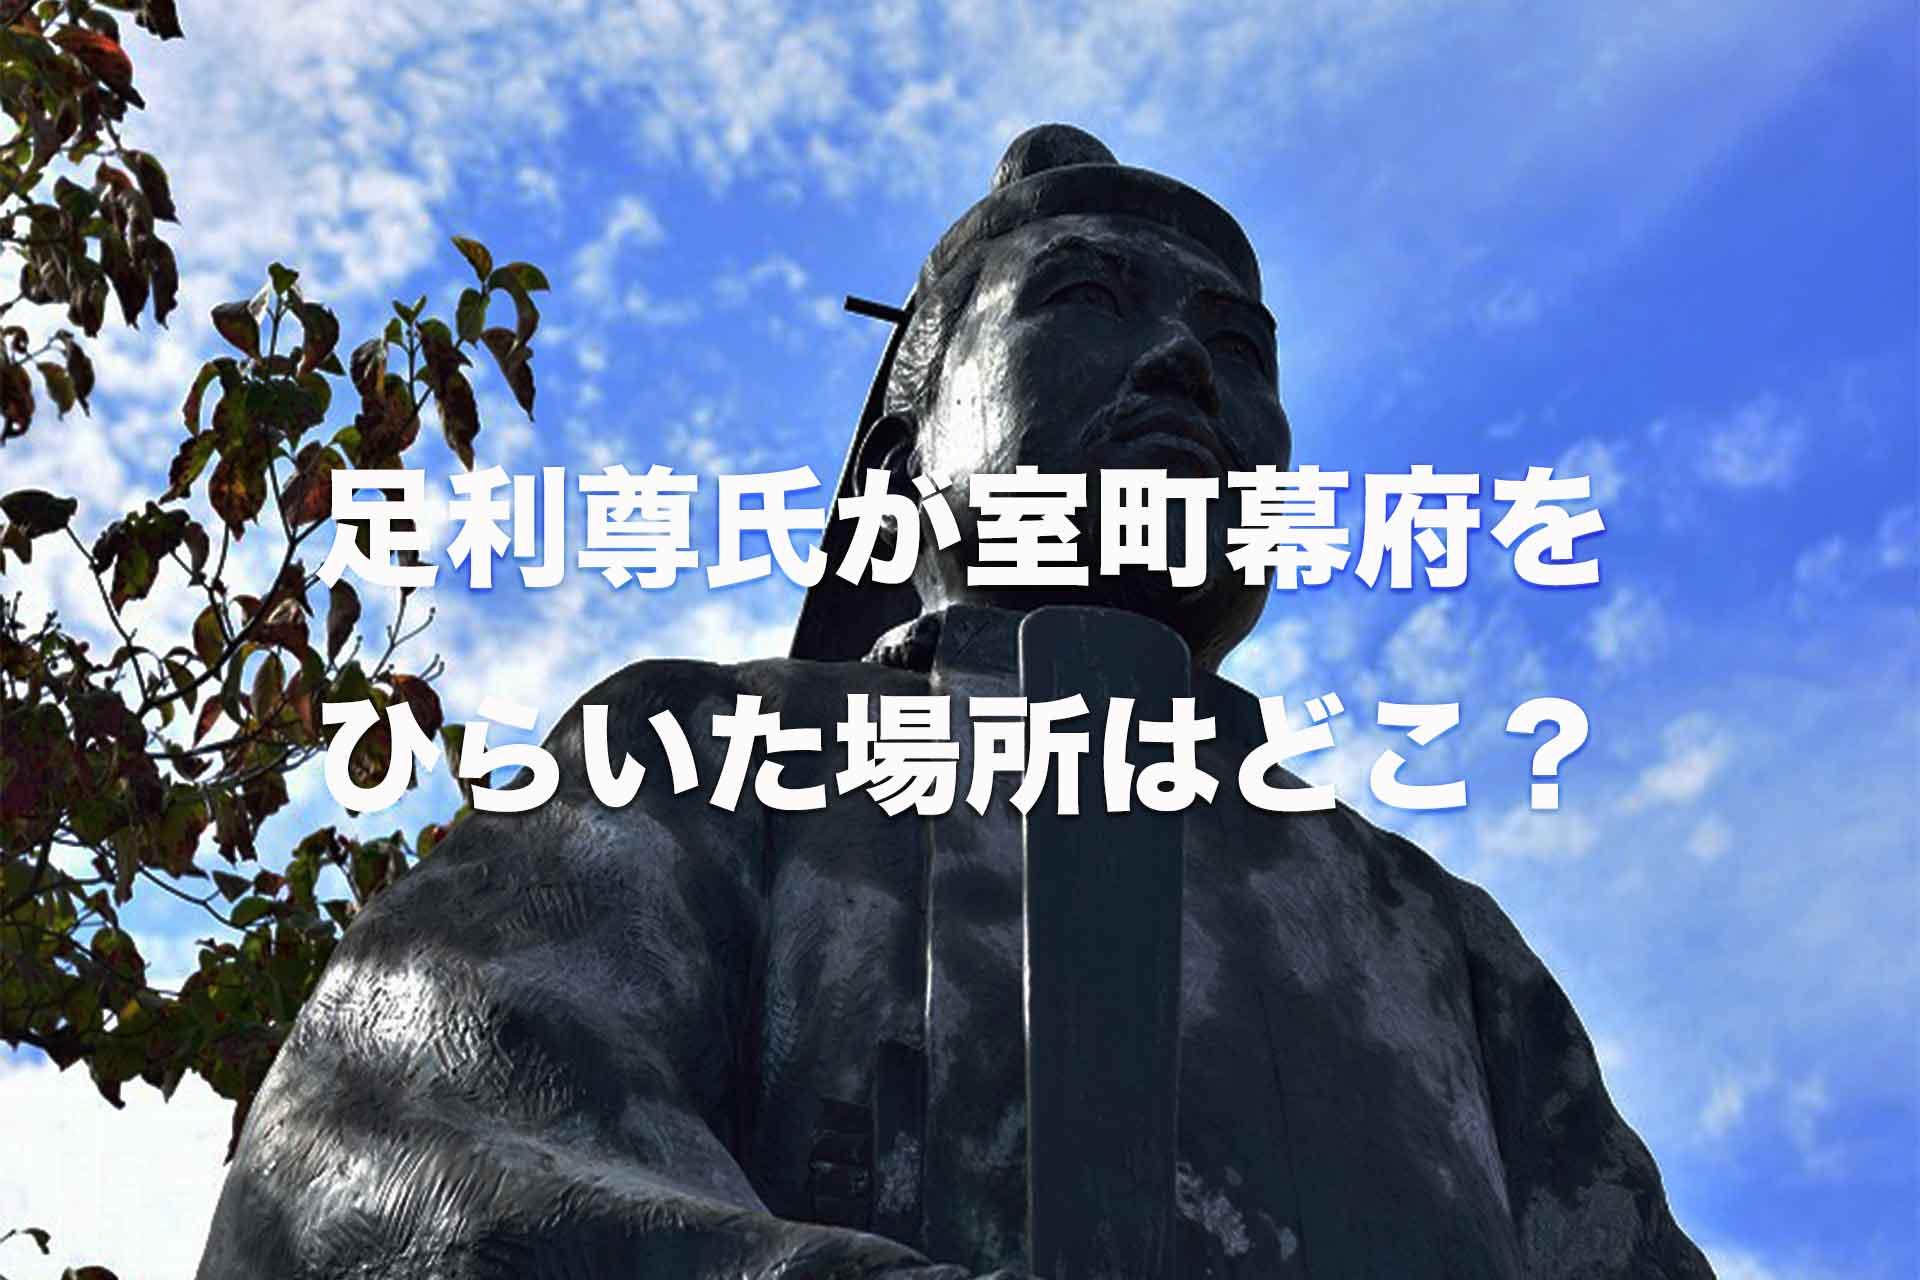 足利尊氏が室町幕府をひらいた場所はどこ?